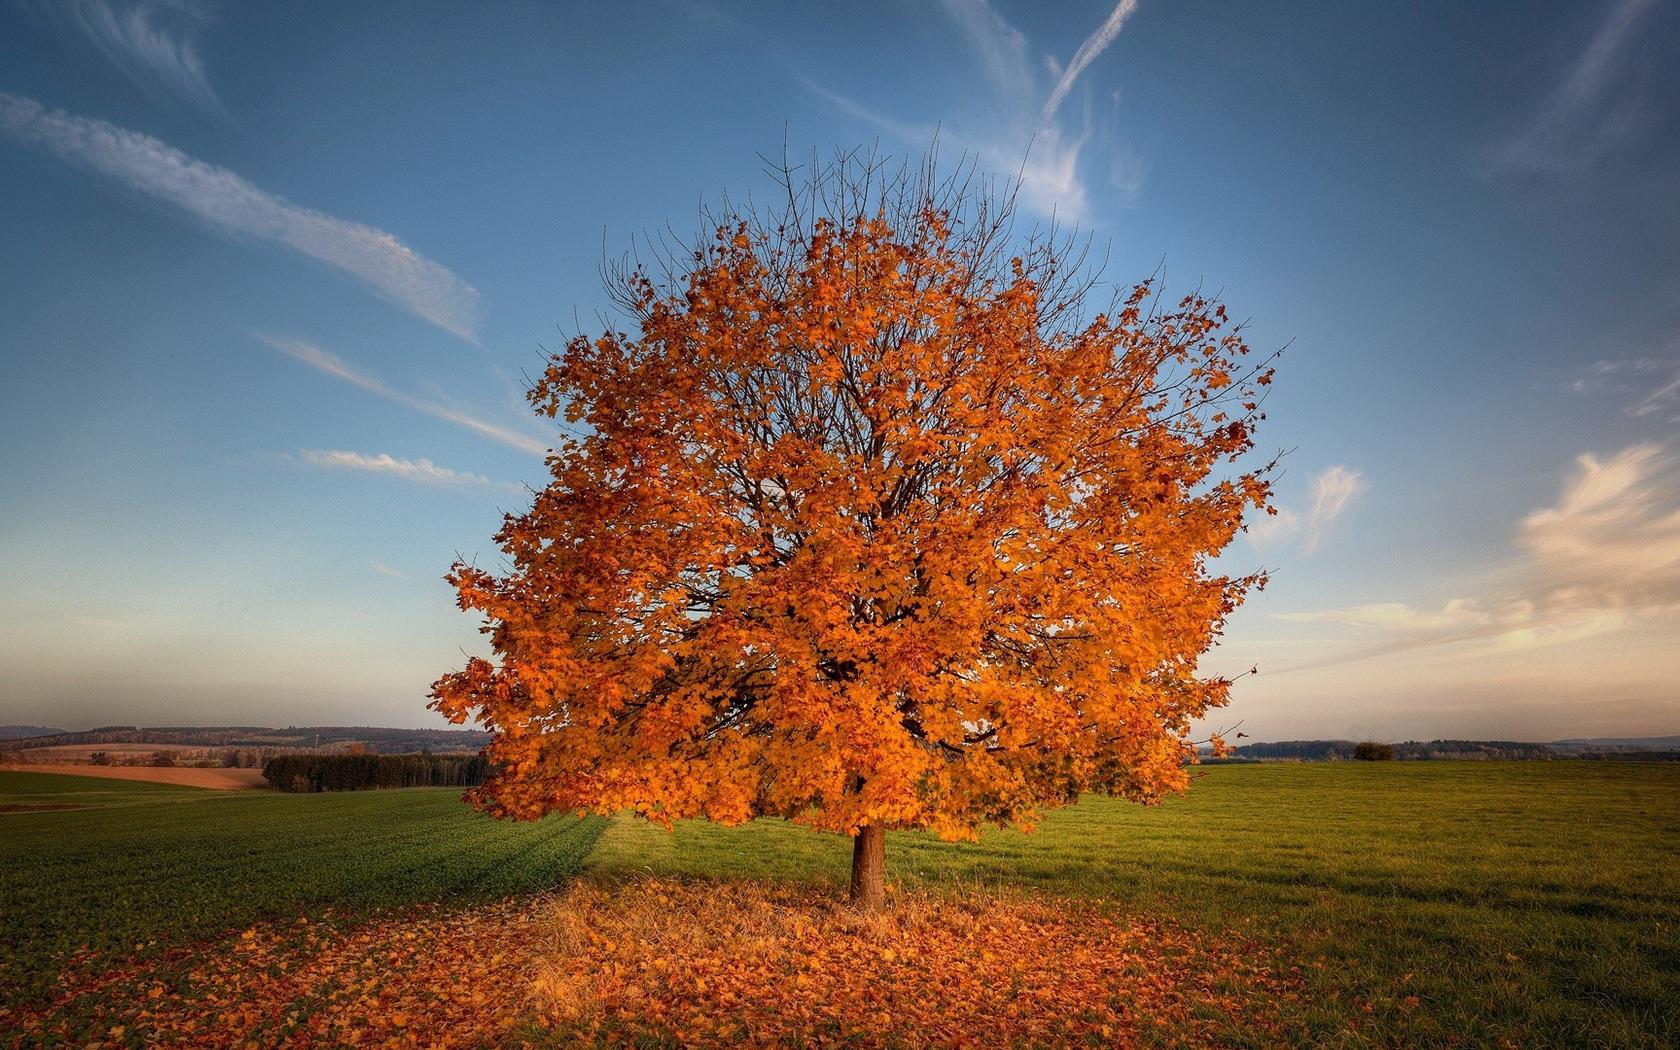 tree-autumn-field.jpg